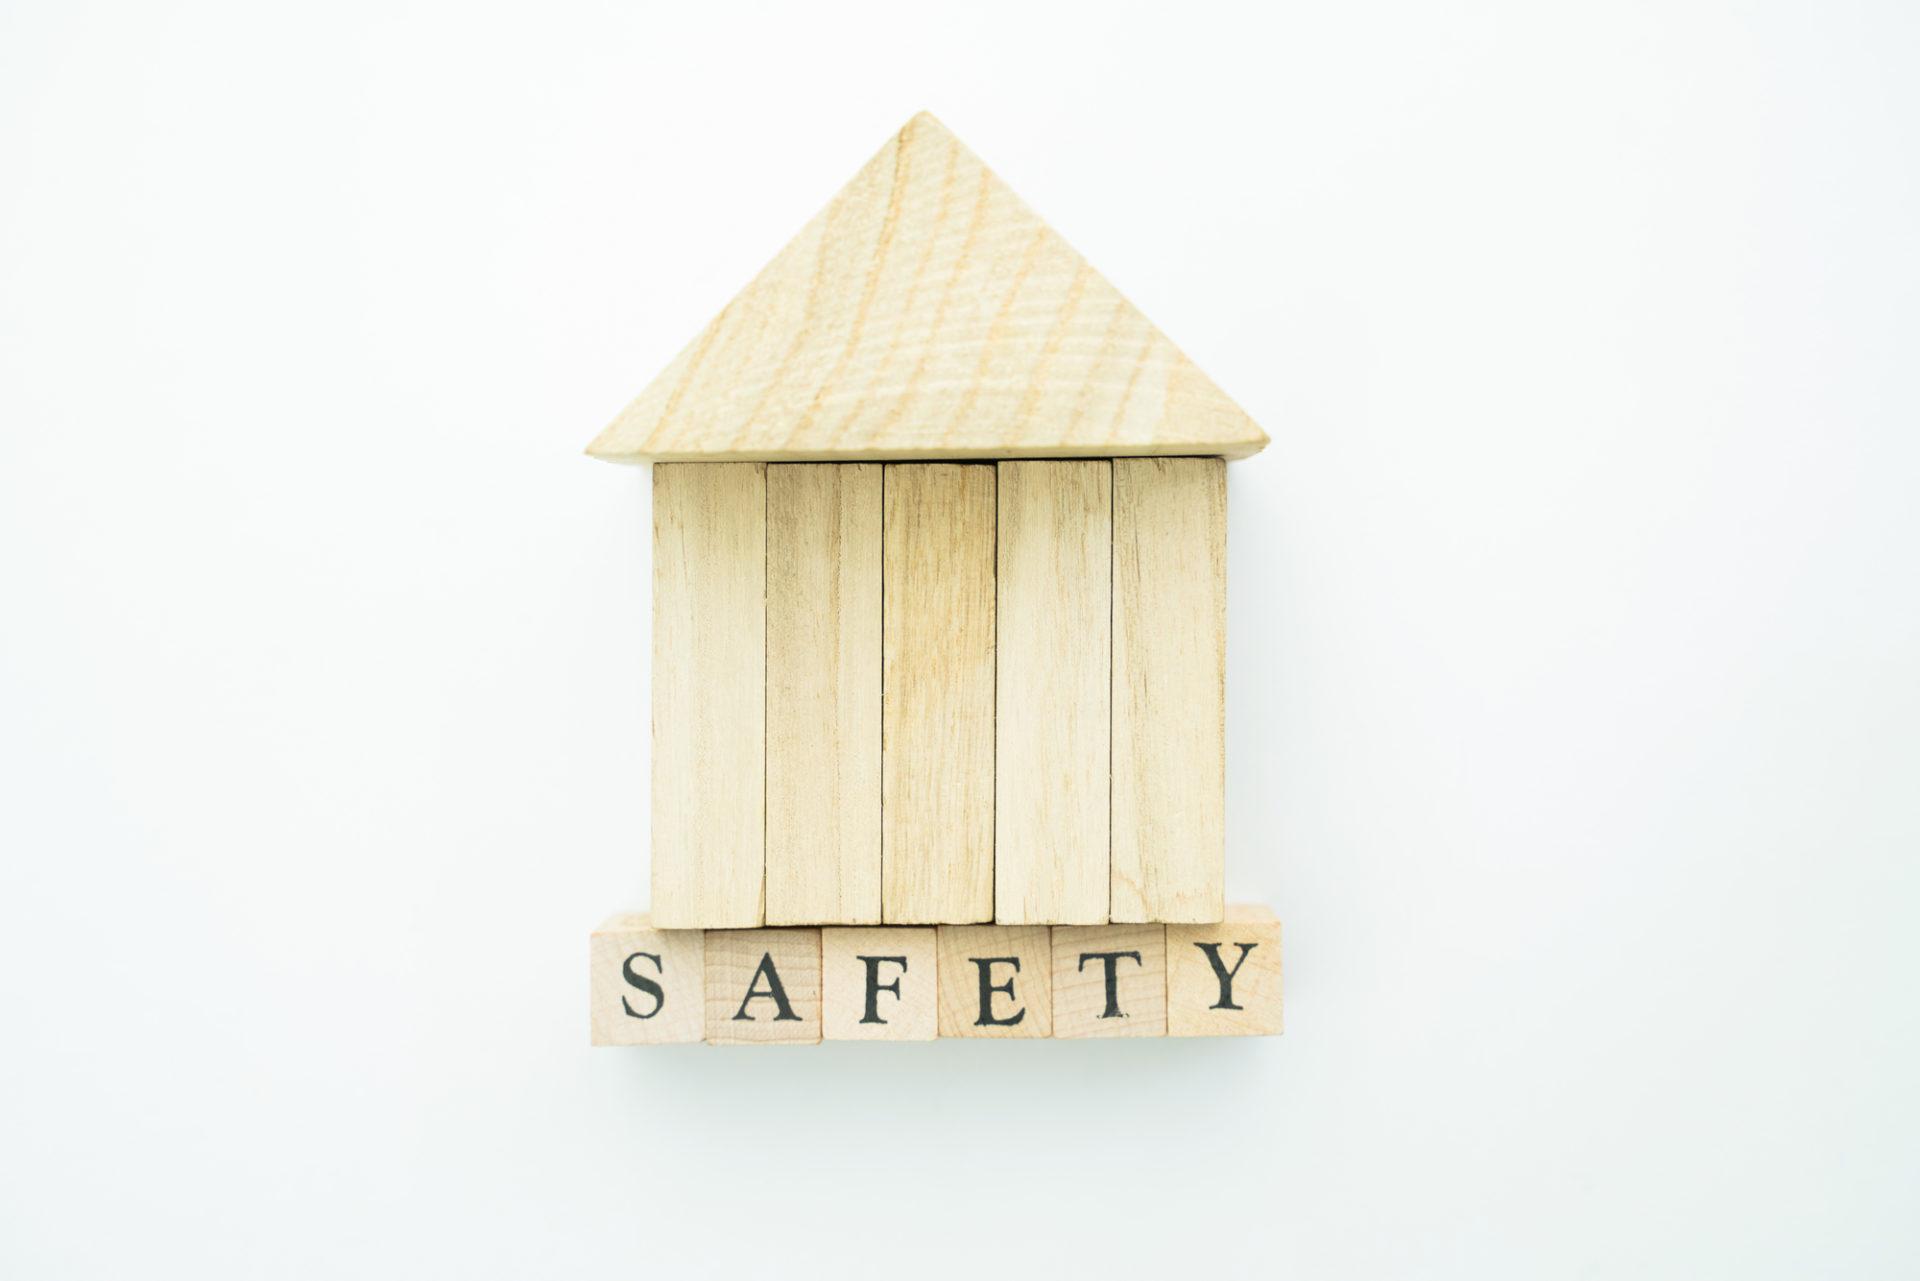 安心の保証体制。損害賠償付5年保証書を発行 イメージ